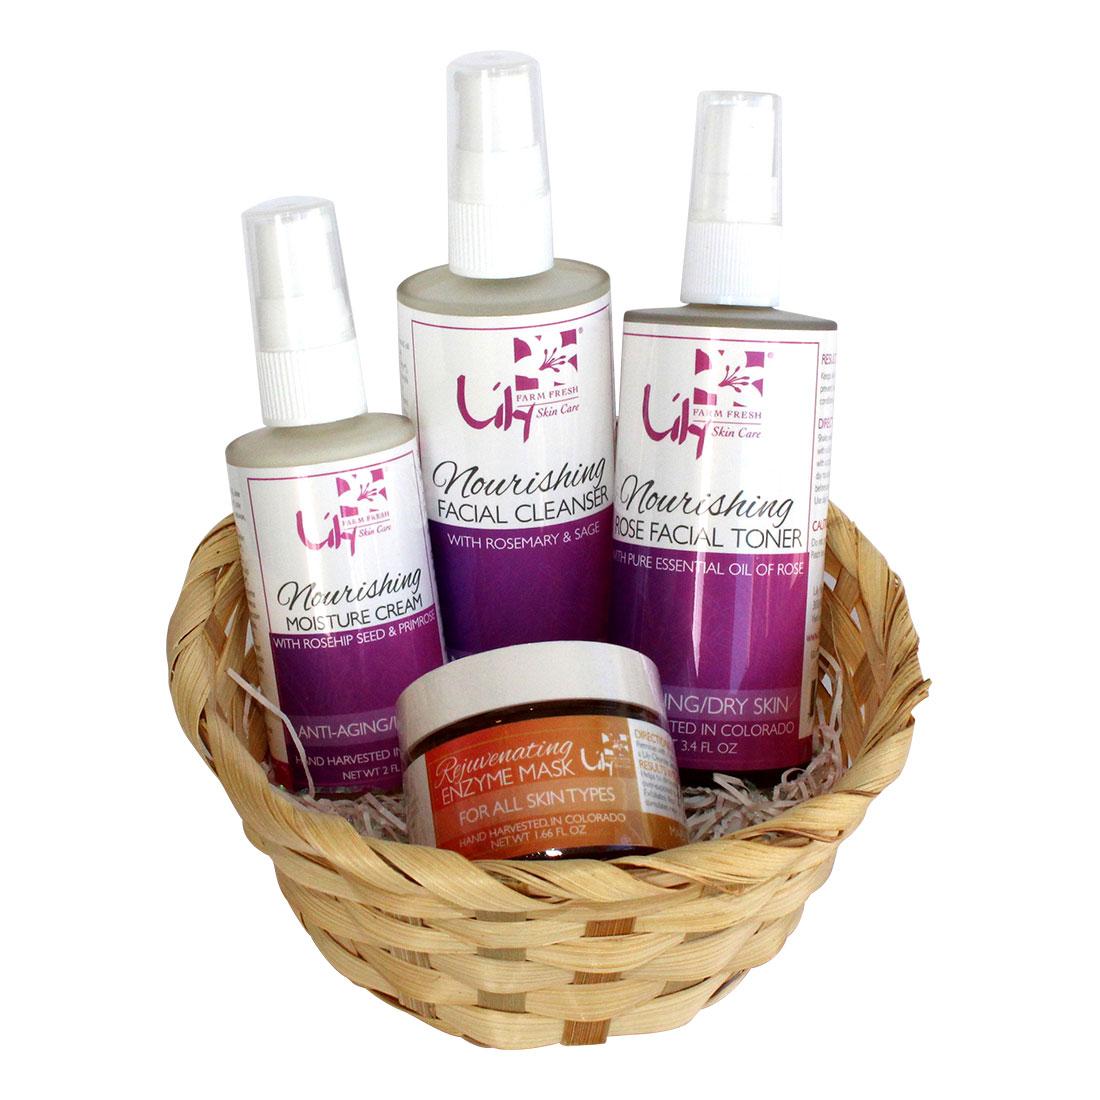 Organic Nourishing gift basket